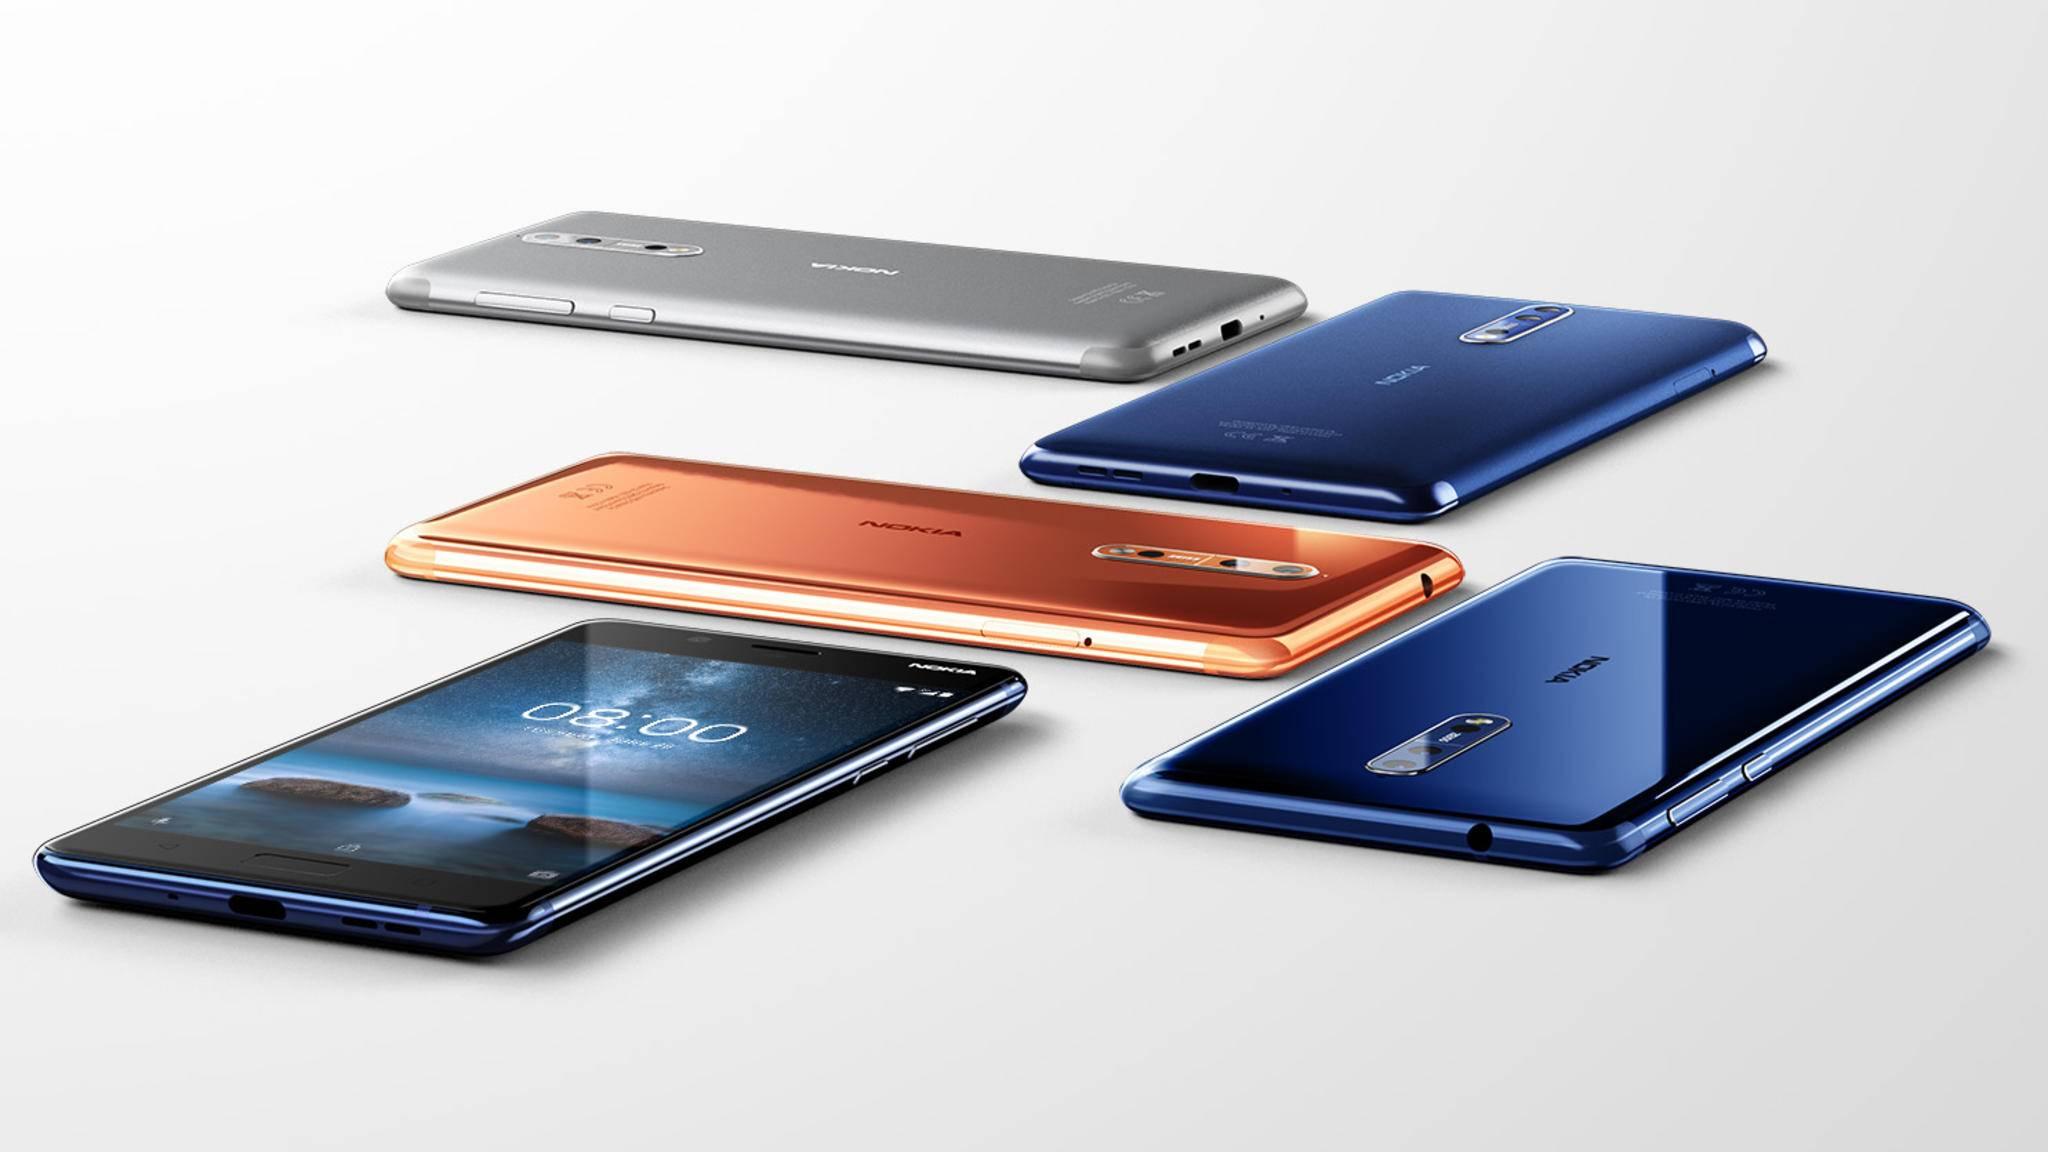 Das Nokia 8 ist da: Doch inwiefern unterscheidet sich das neue Modell eigentlich vom Nokia 6 und Nokia 3?